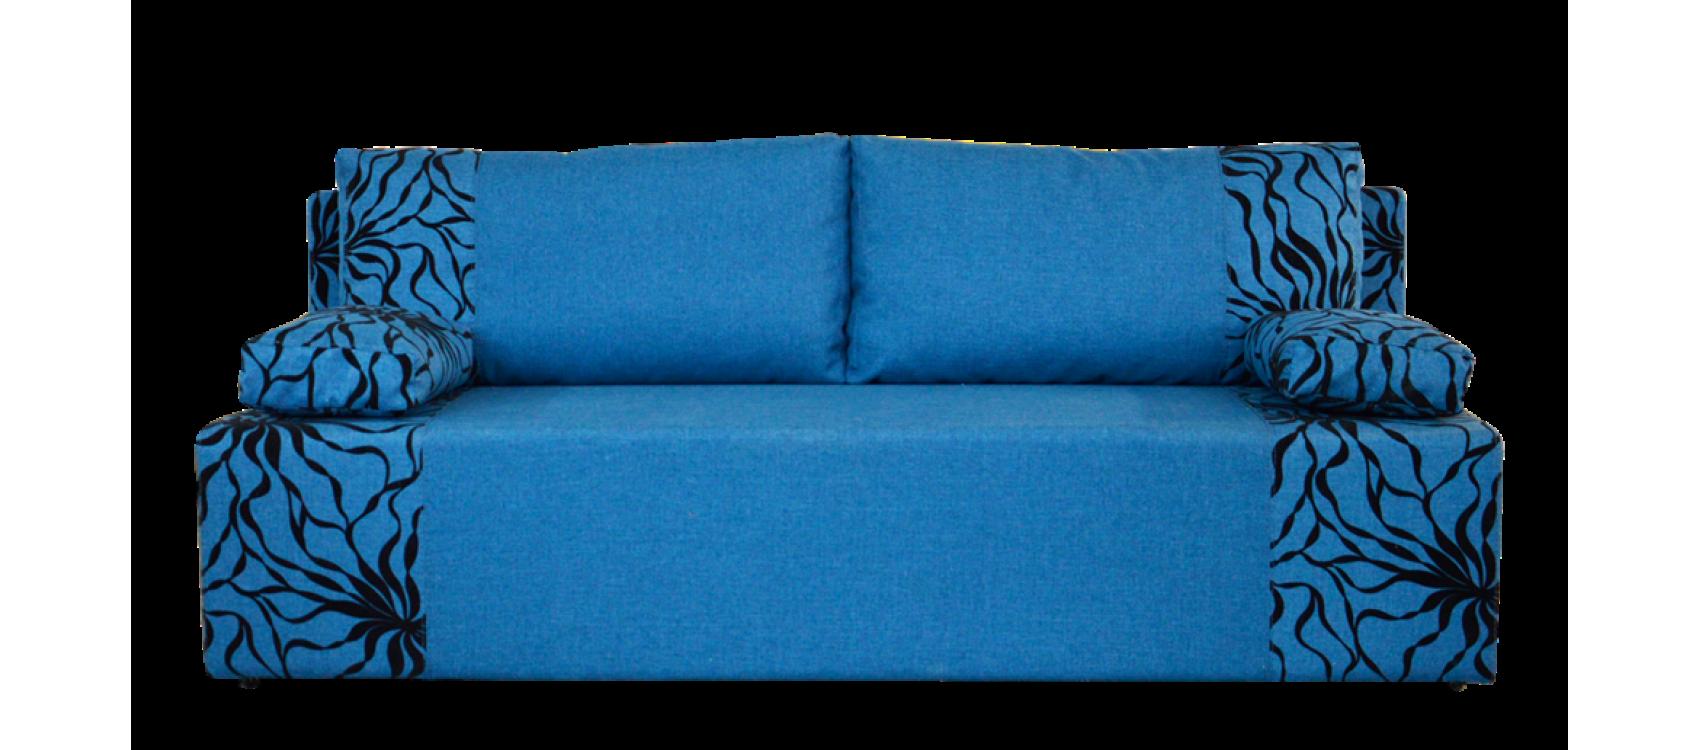 Sofa VITO фото 7